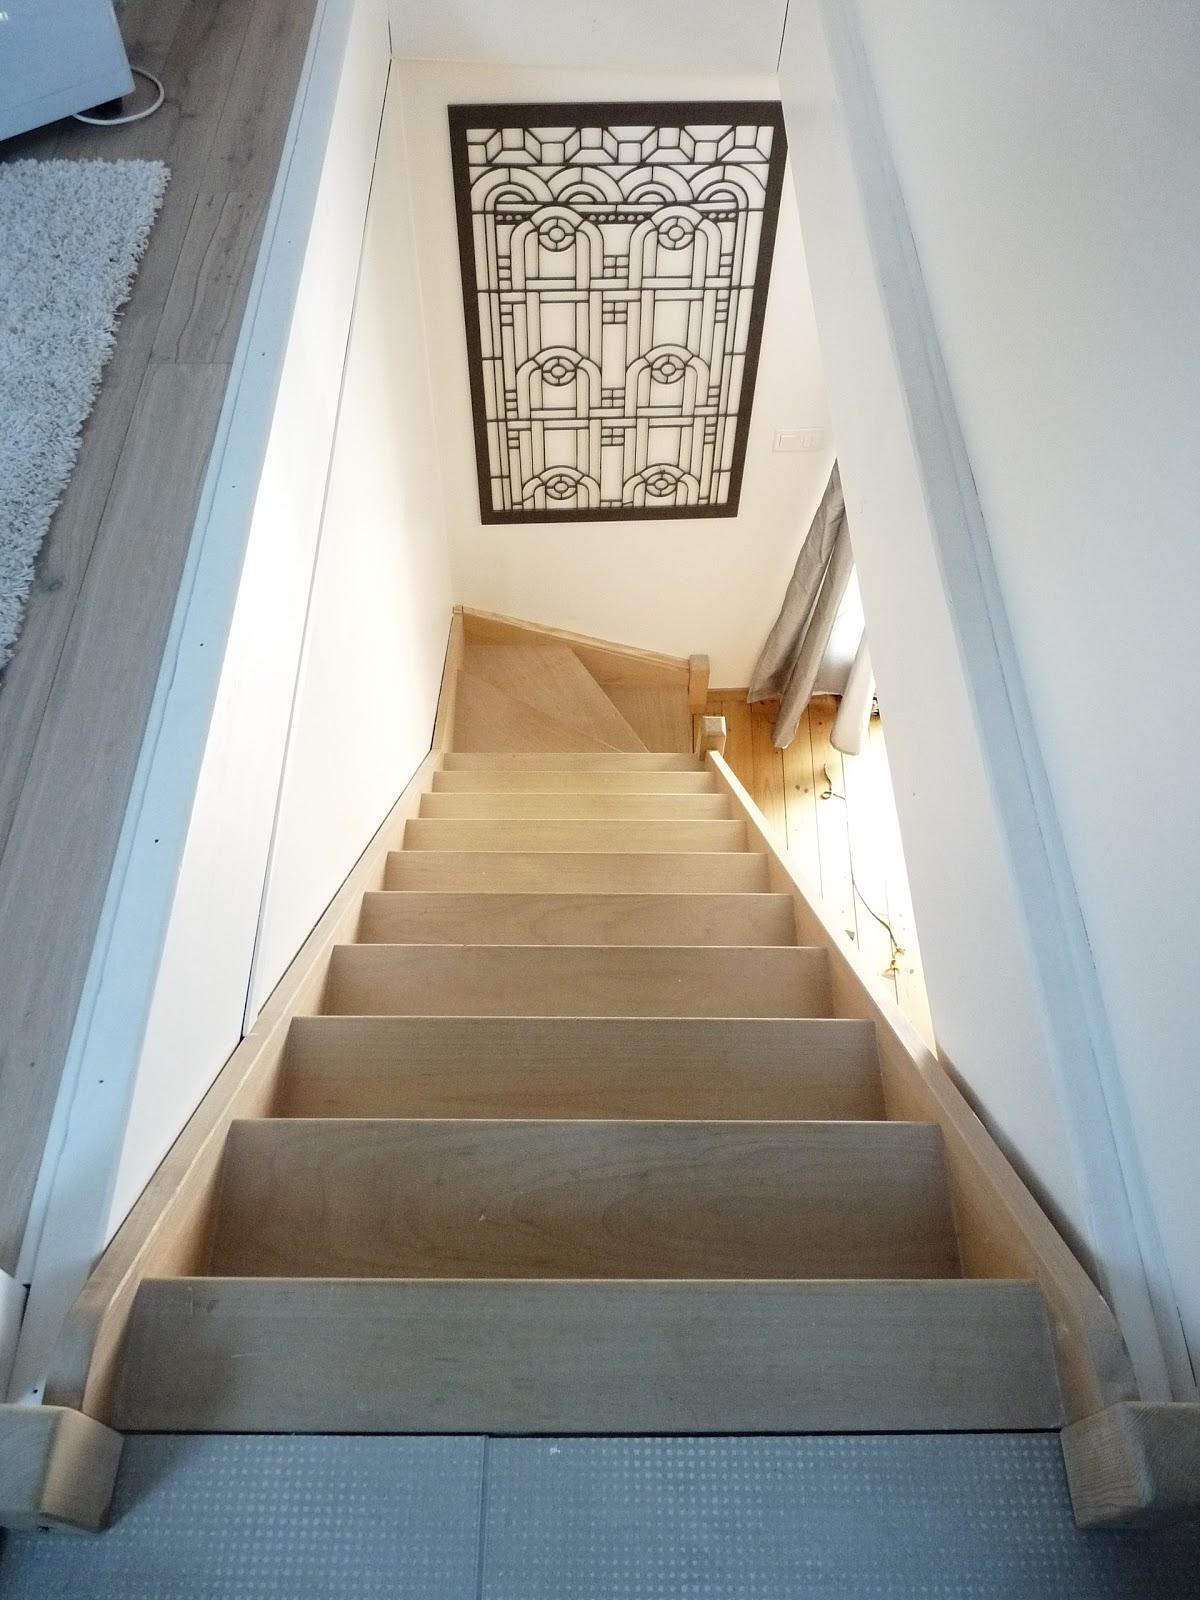 Vitrificateur Escalier Apres Peinture rue rivoirette: avant/apres ◊◊ peindre un escalier